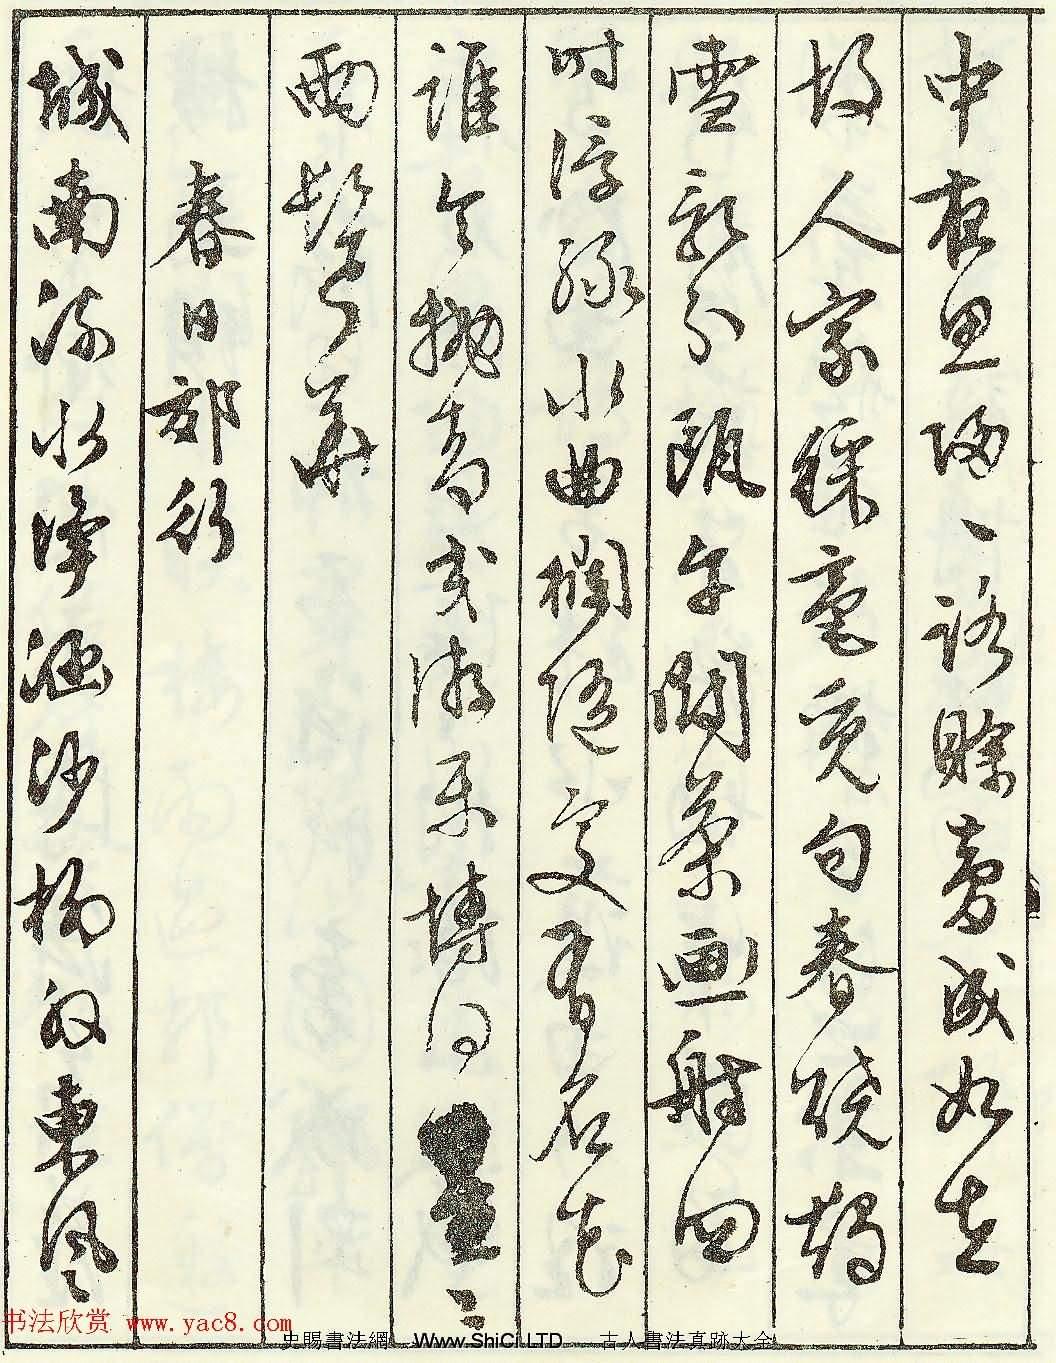 文征明書法藝術珍跡《京邸懷歸詩》